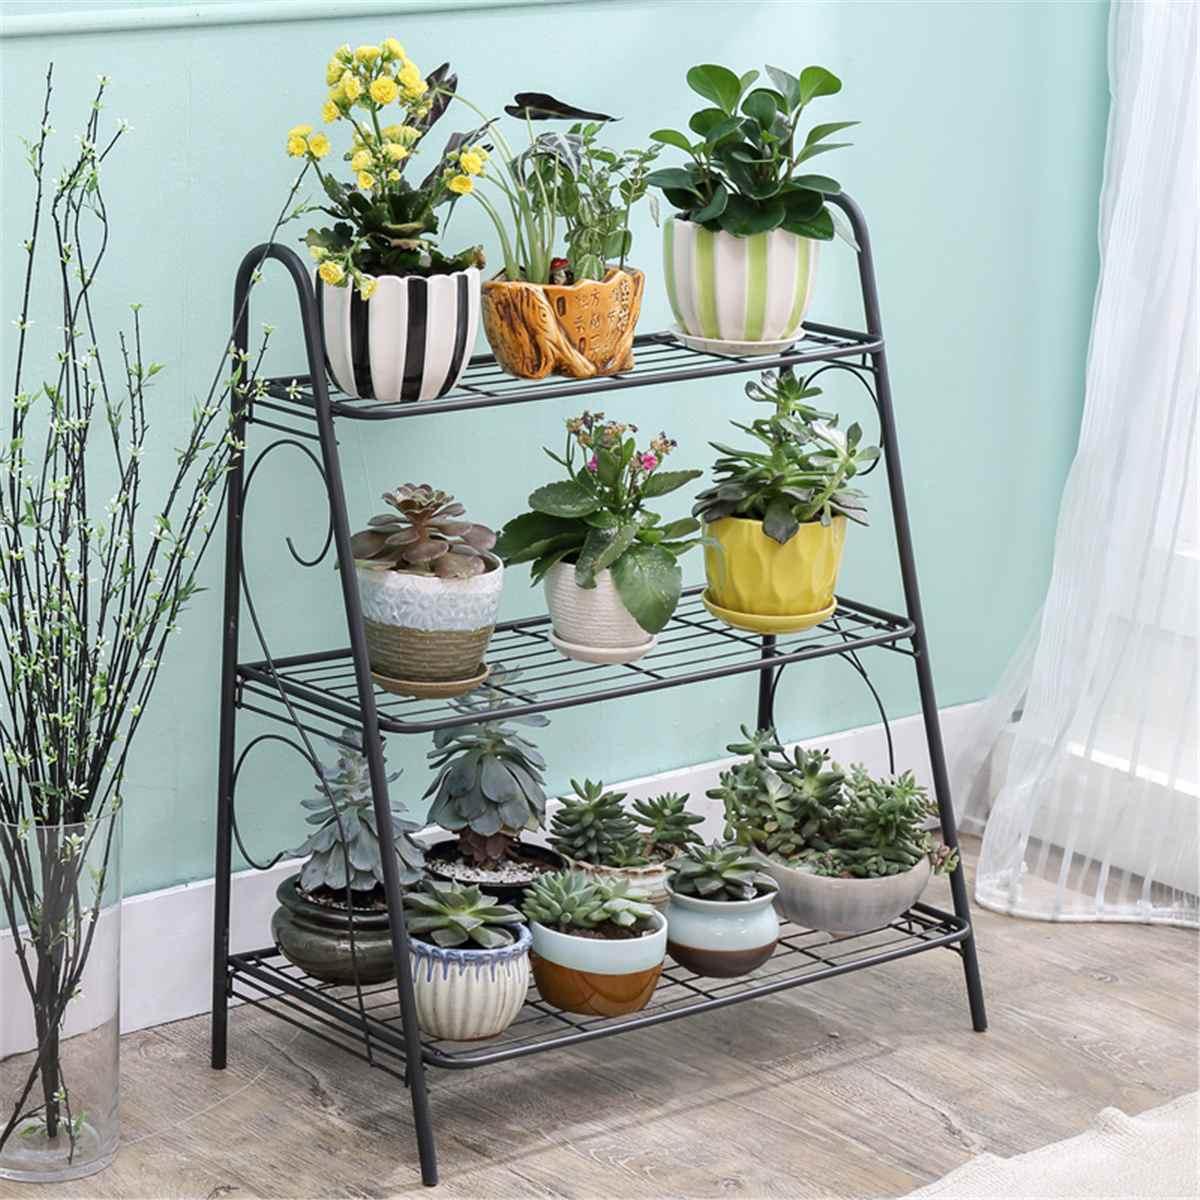 Estante de 3 niveles para zapatos, organizador de Metal de hierro, estante de almacenamiento, soporte organizador para el hogar, maceta de flores, estante de decoración de jardín, estantes ensamblados